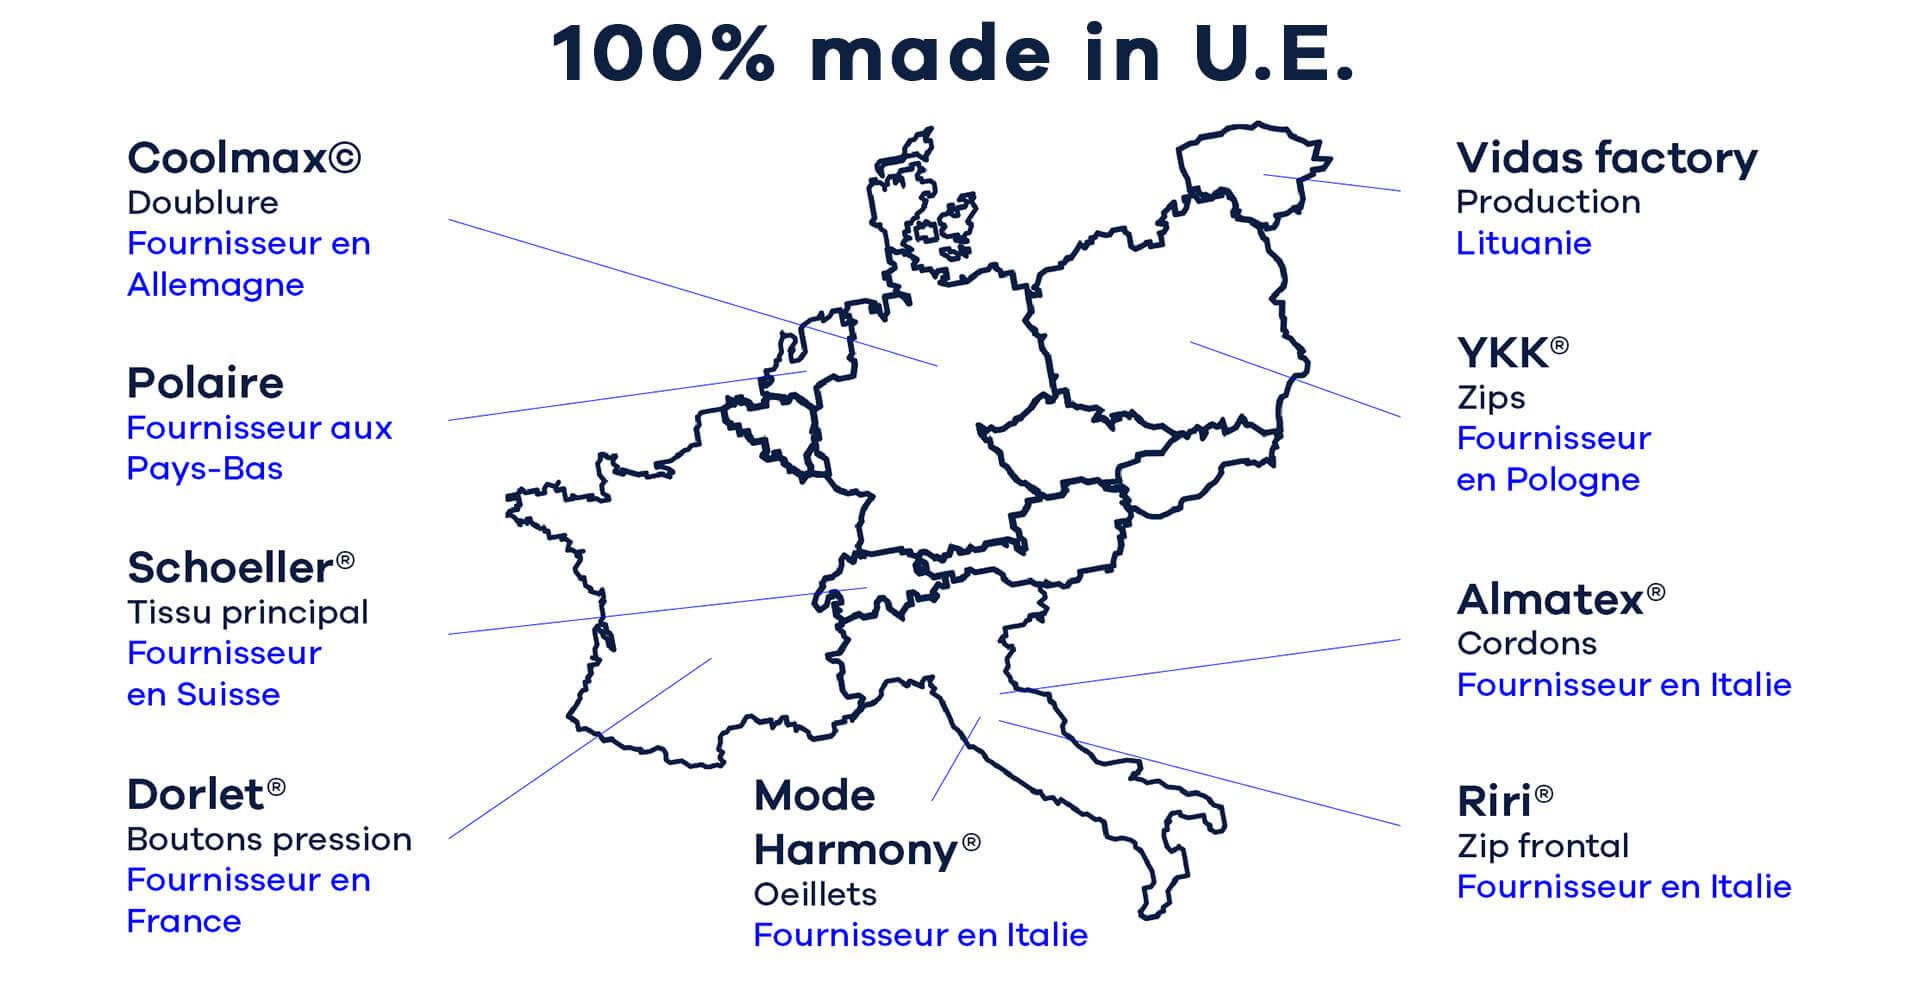 100% made in U.E.